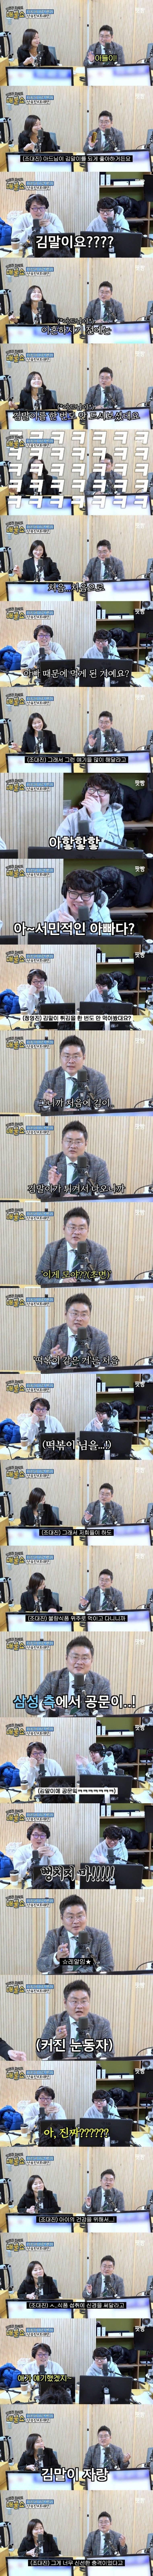 삼성가 아들이 부모님 이혼후 처음 먹어본 음식 | 인스티즈